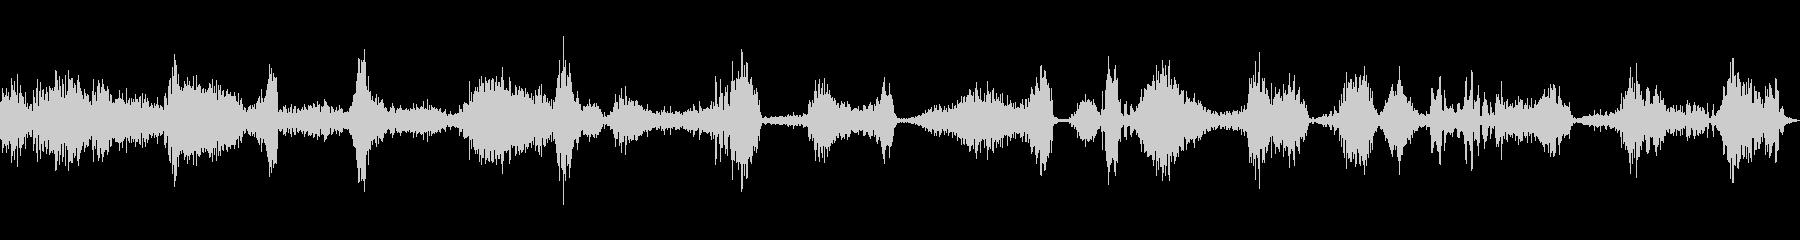 ラジオスキャン3の未再生の波形